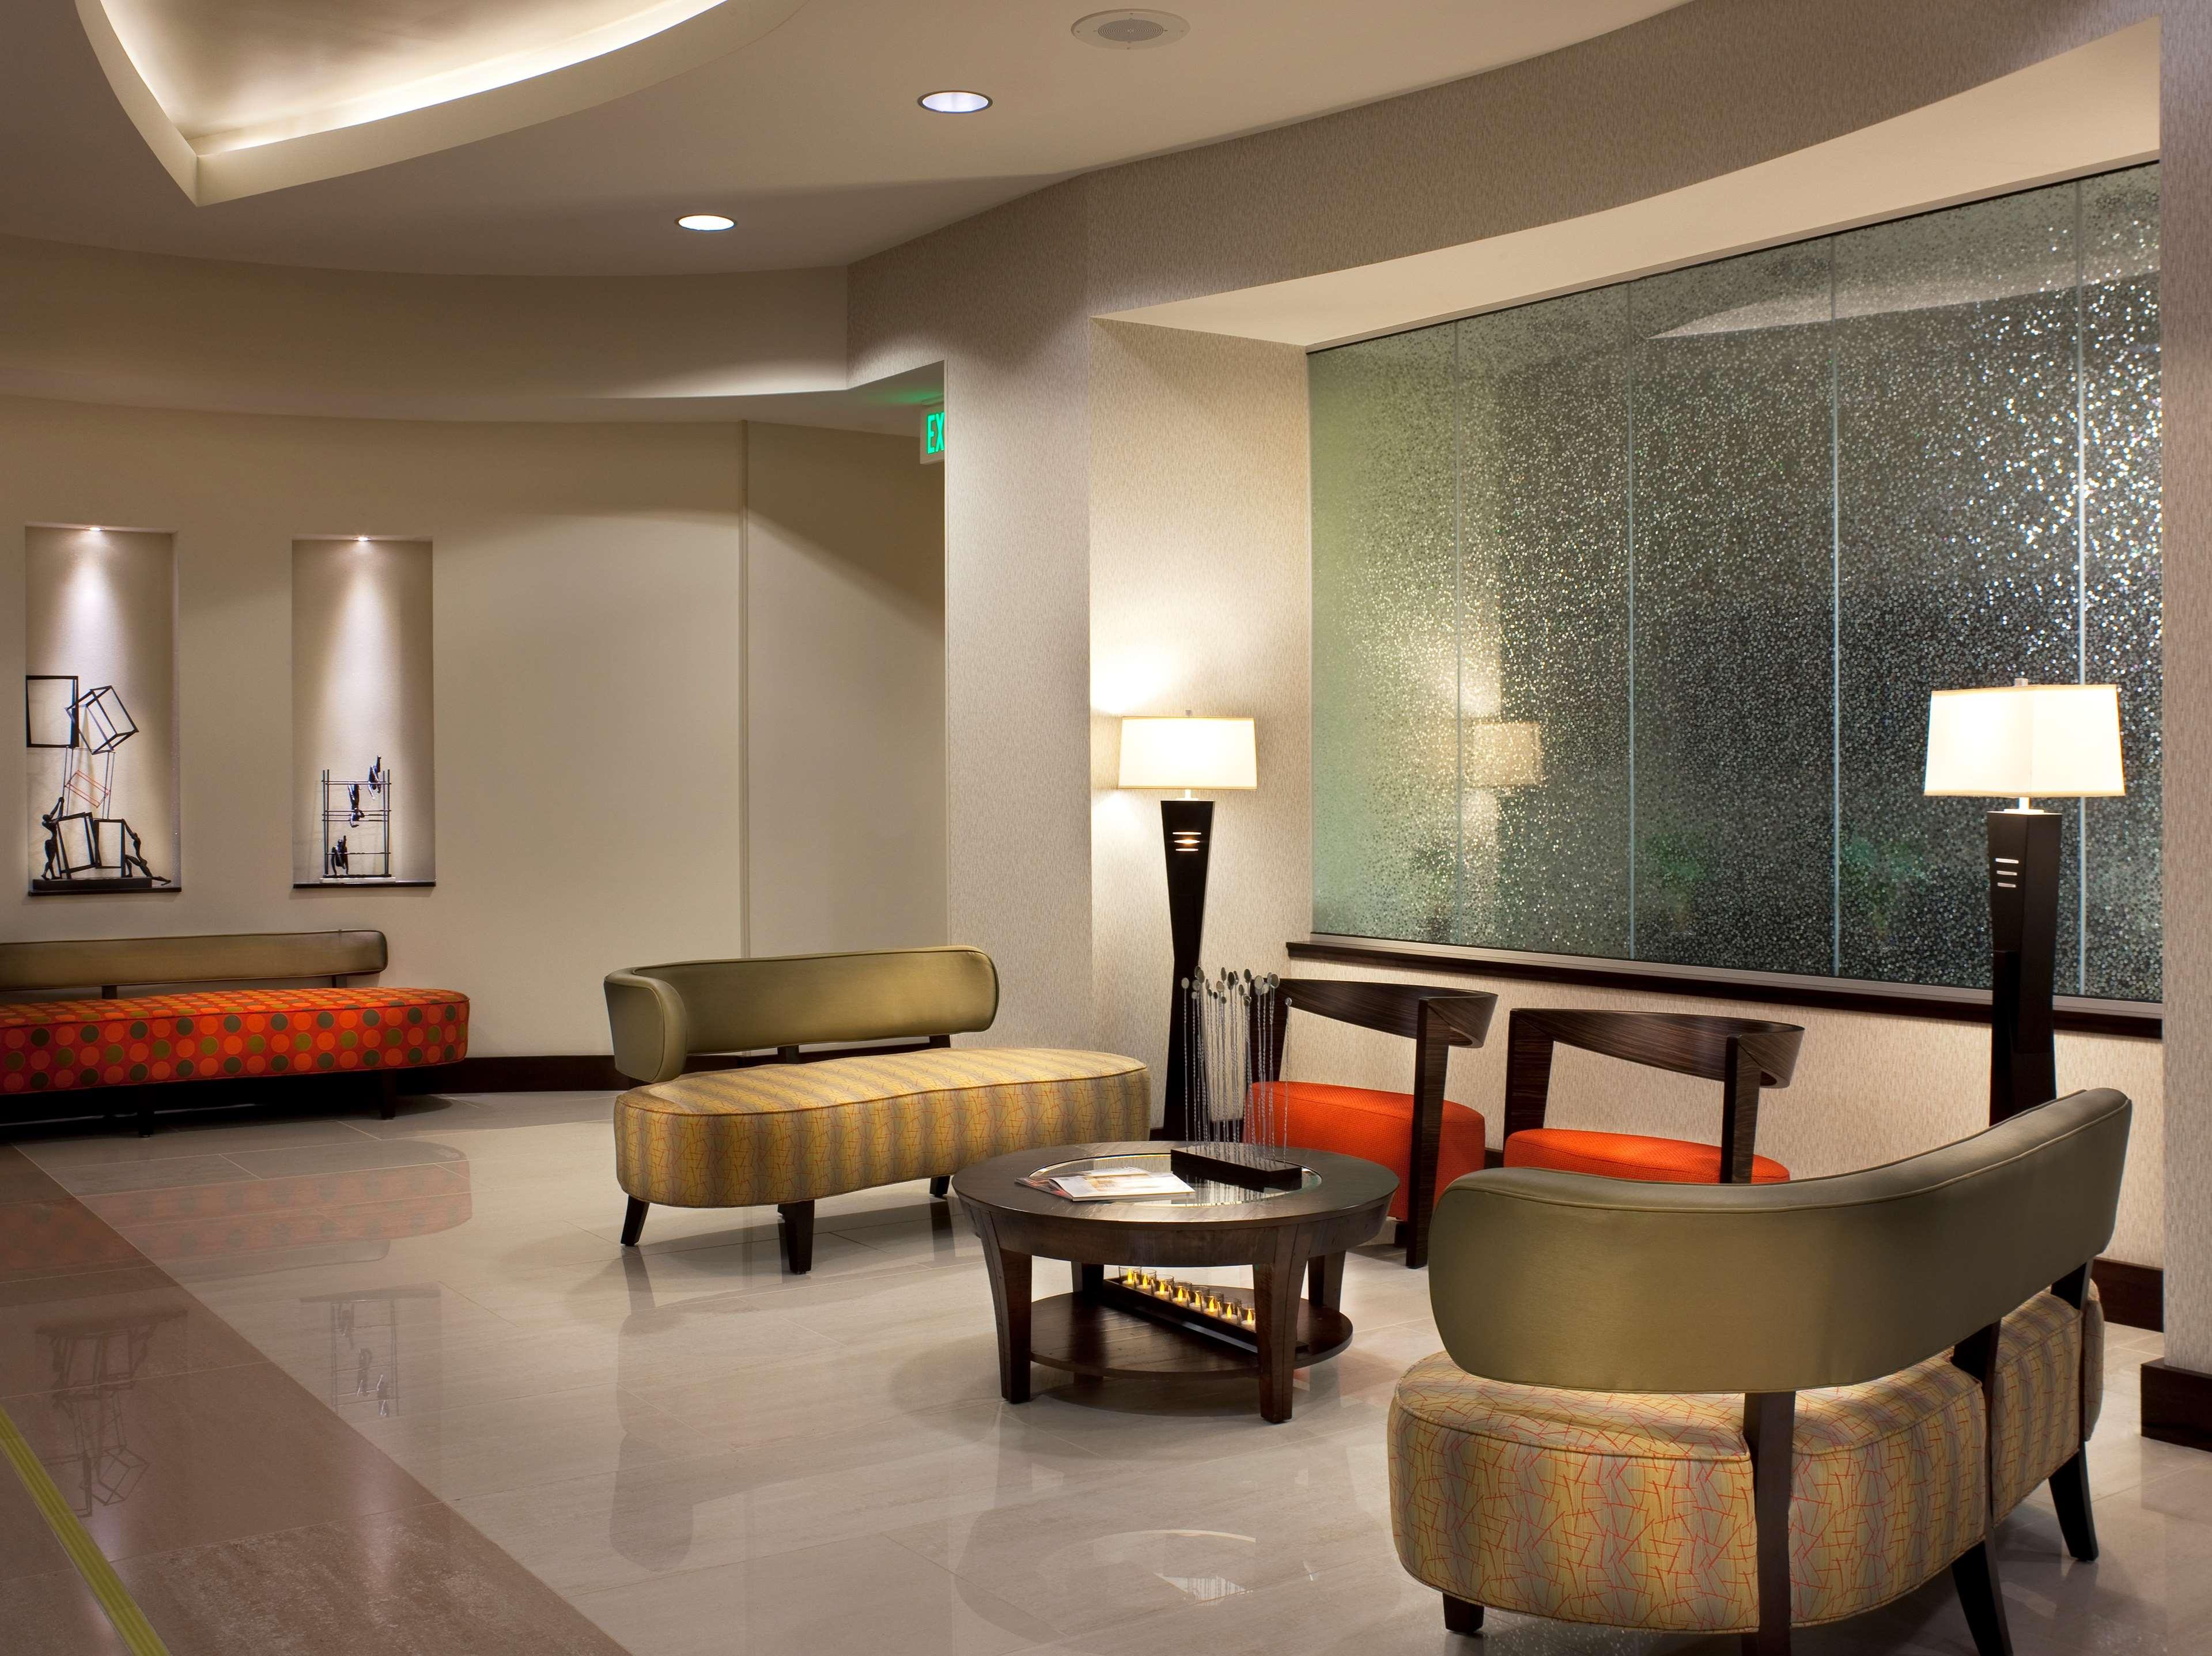 Hilton Garden Inn Denver/Cherry Creek image 2